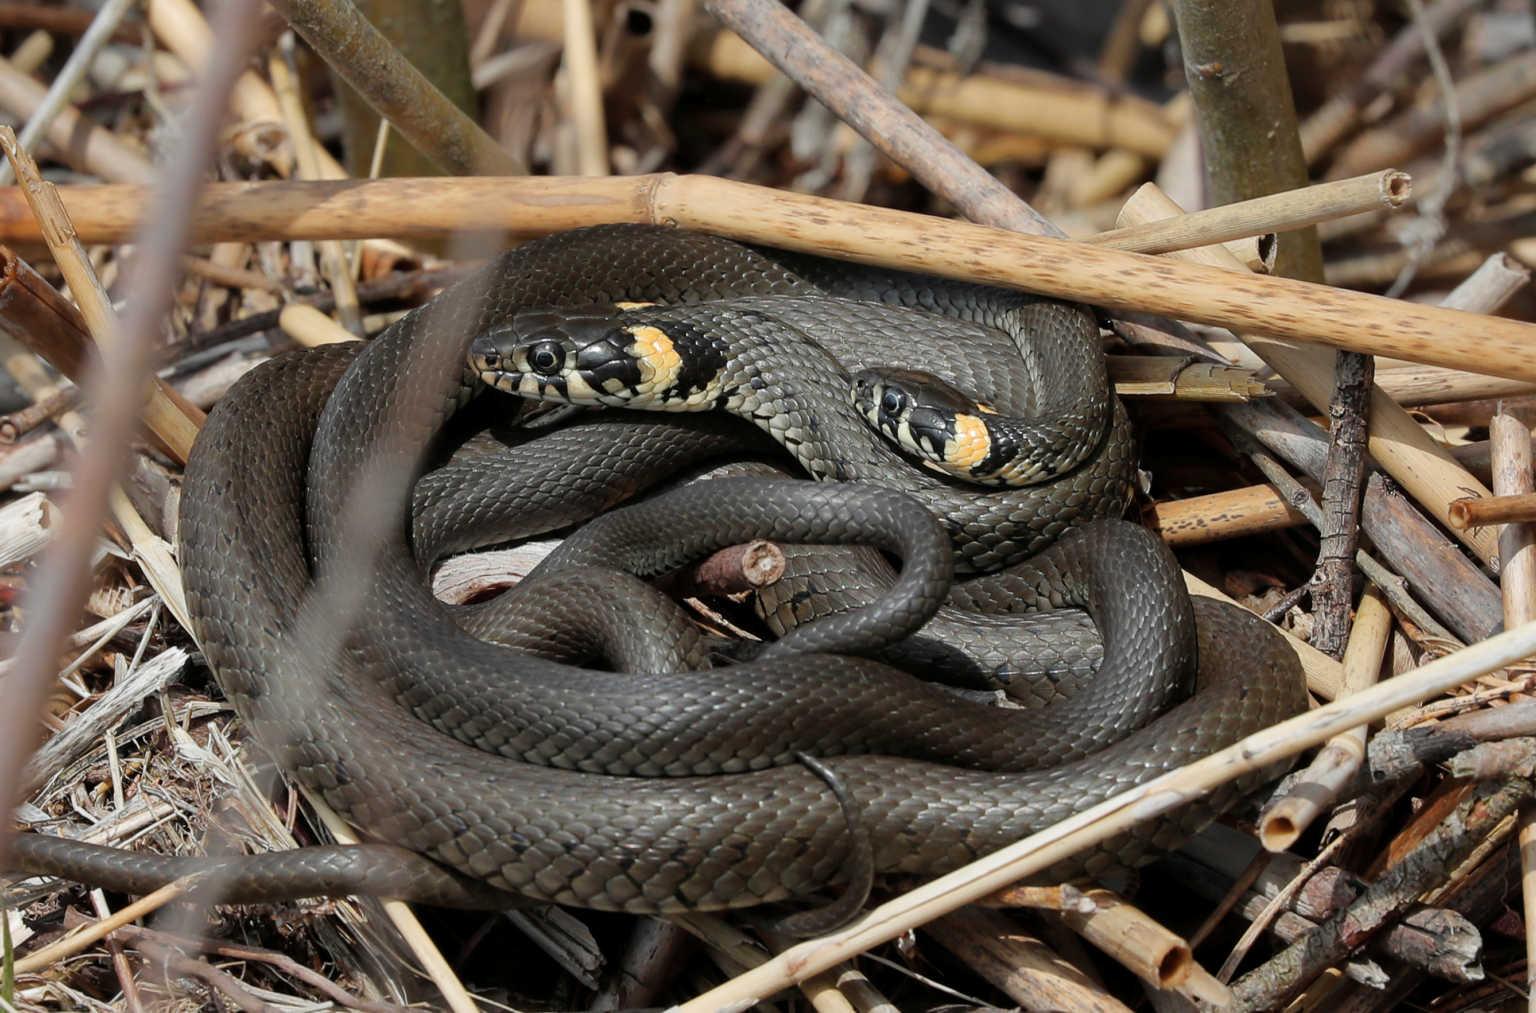 Σκότωσε τη γυναίκα του με δυο δηλητηριώδη φίδια